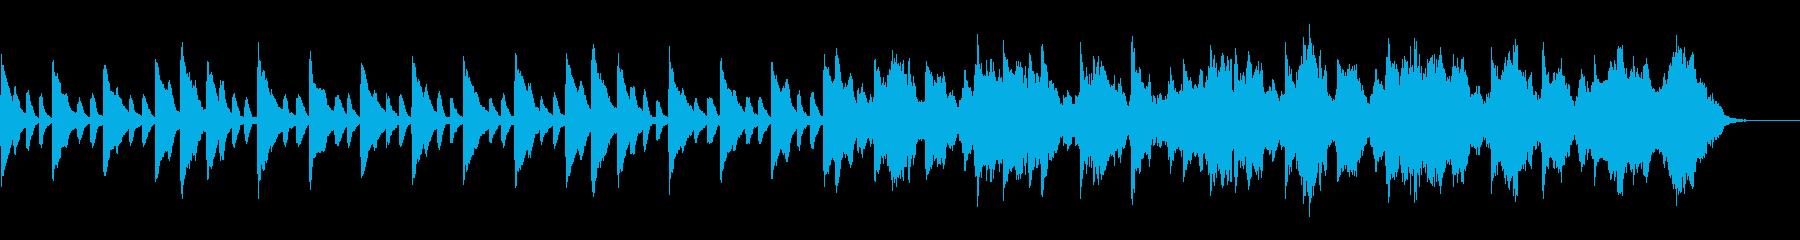 ゆったりとしたバラード風な曲の再生済みの波形